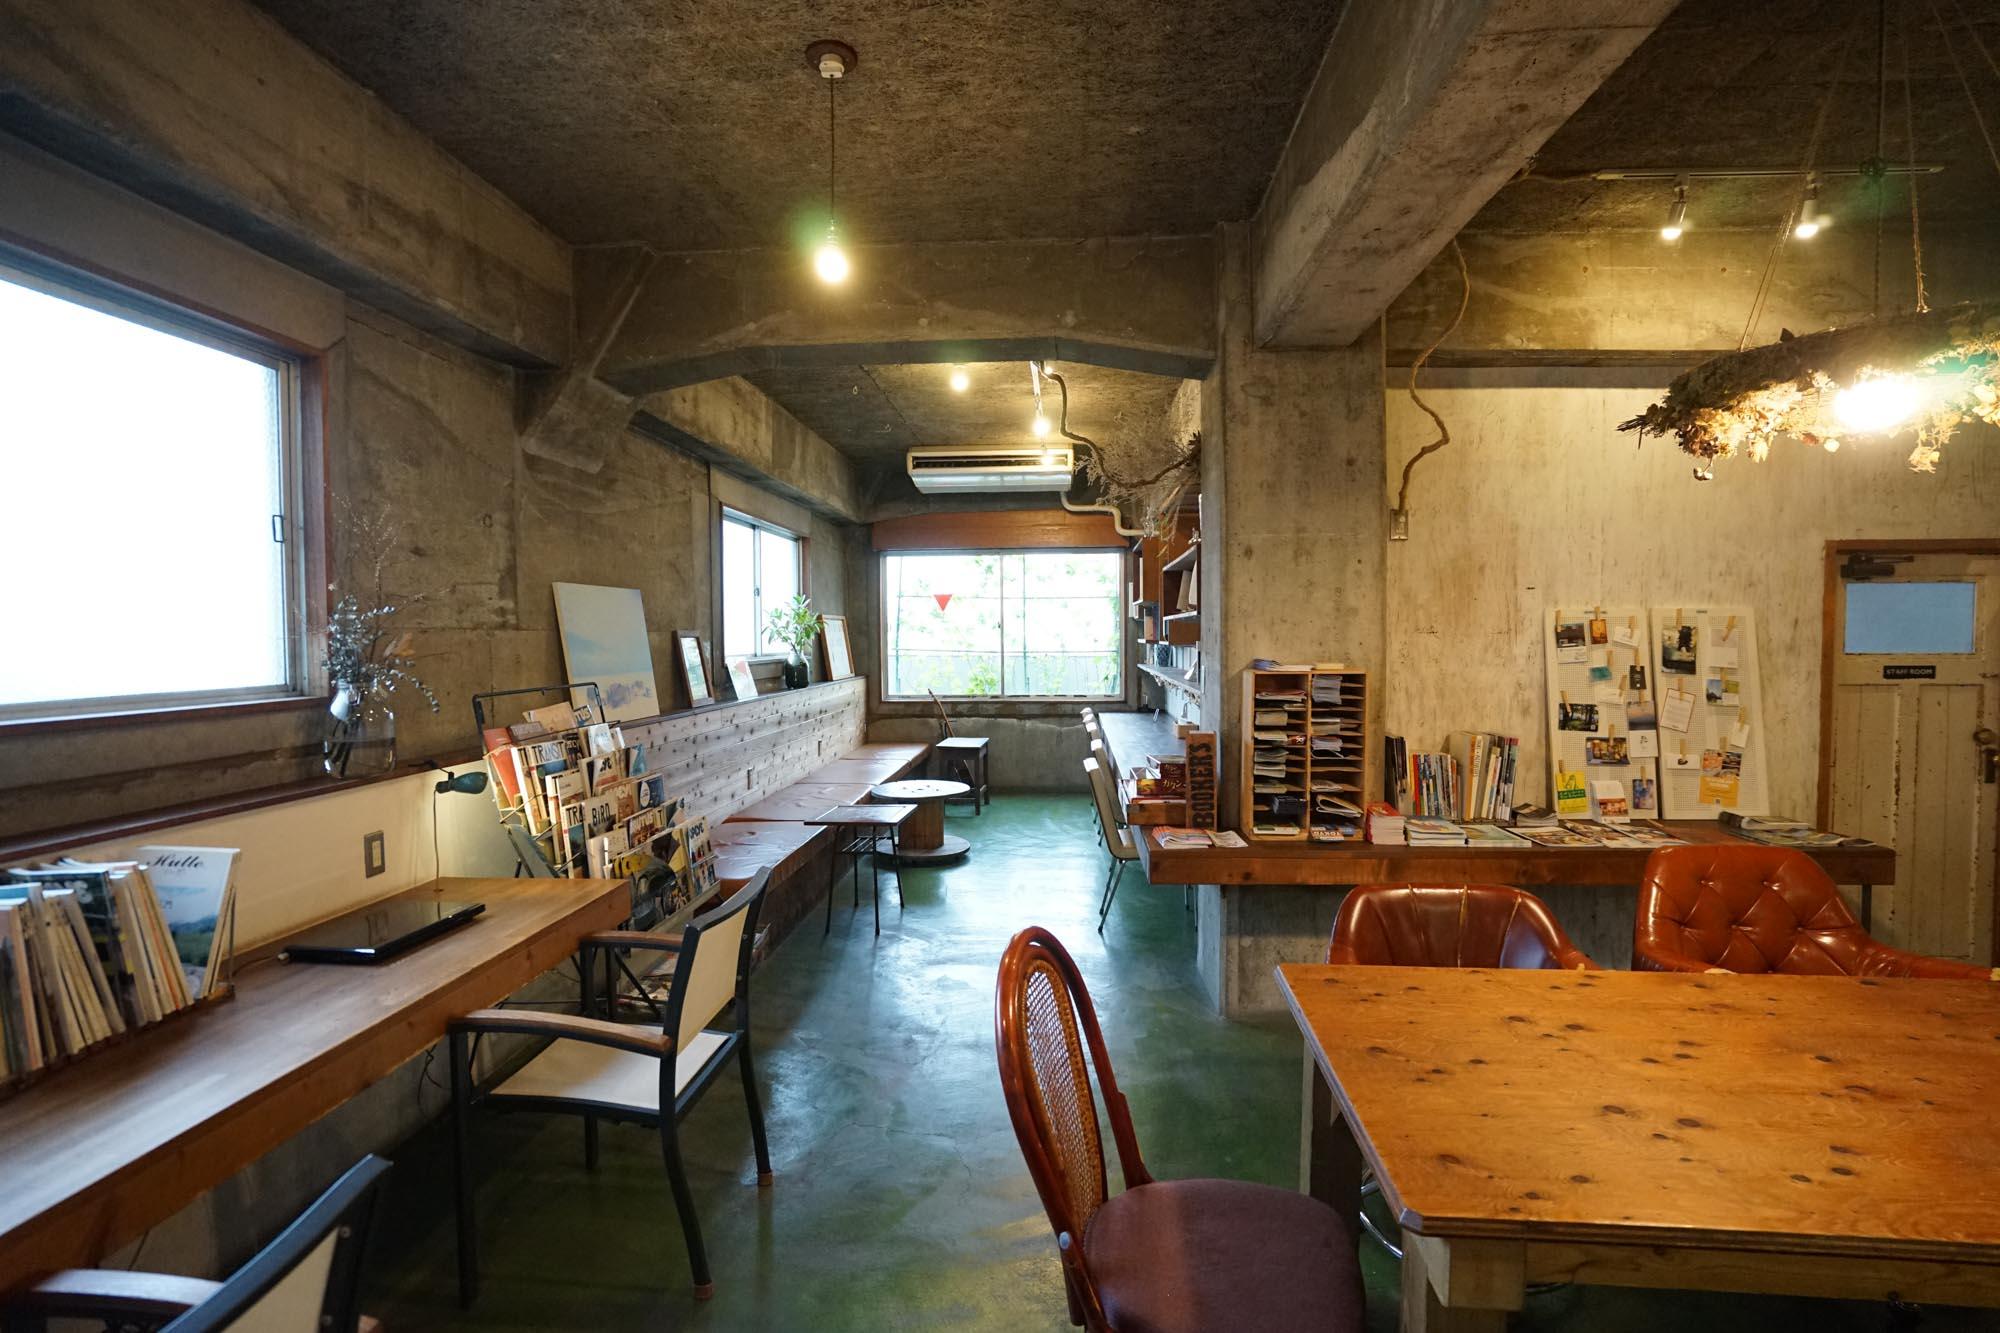 6階にある宿泊者専用のキッチン&ライブラリーは大充実のスペース。